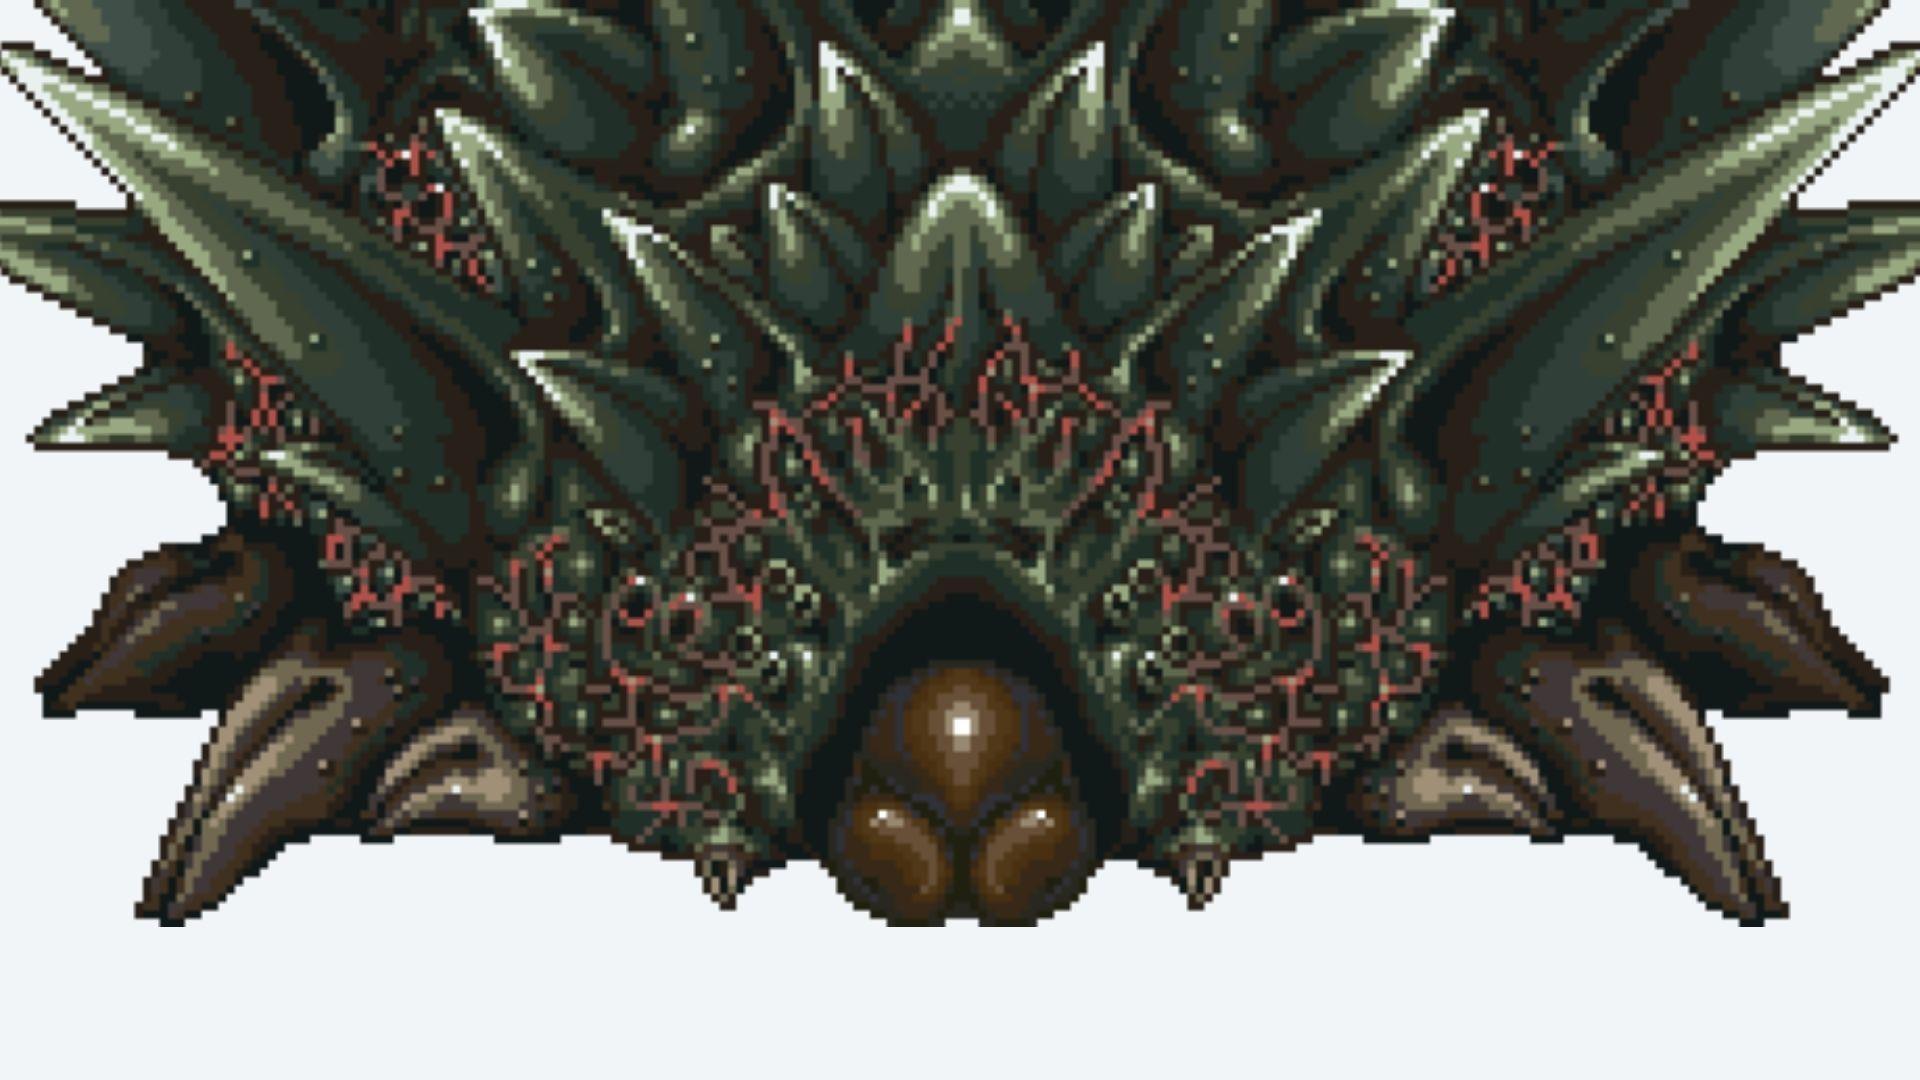 Lavos é um alienígena e principal vilão o jogo (Foto: Divulgação/Square Enix)